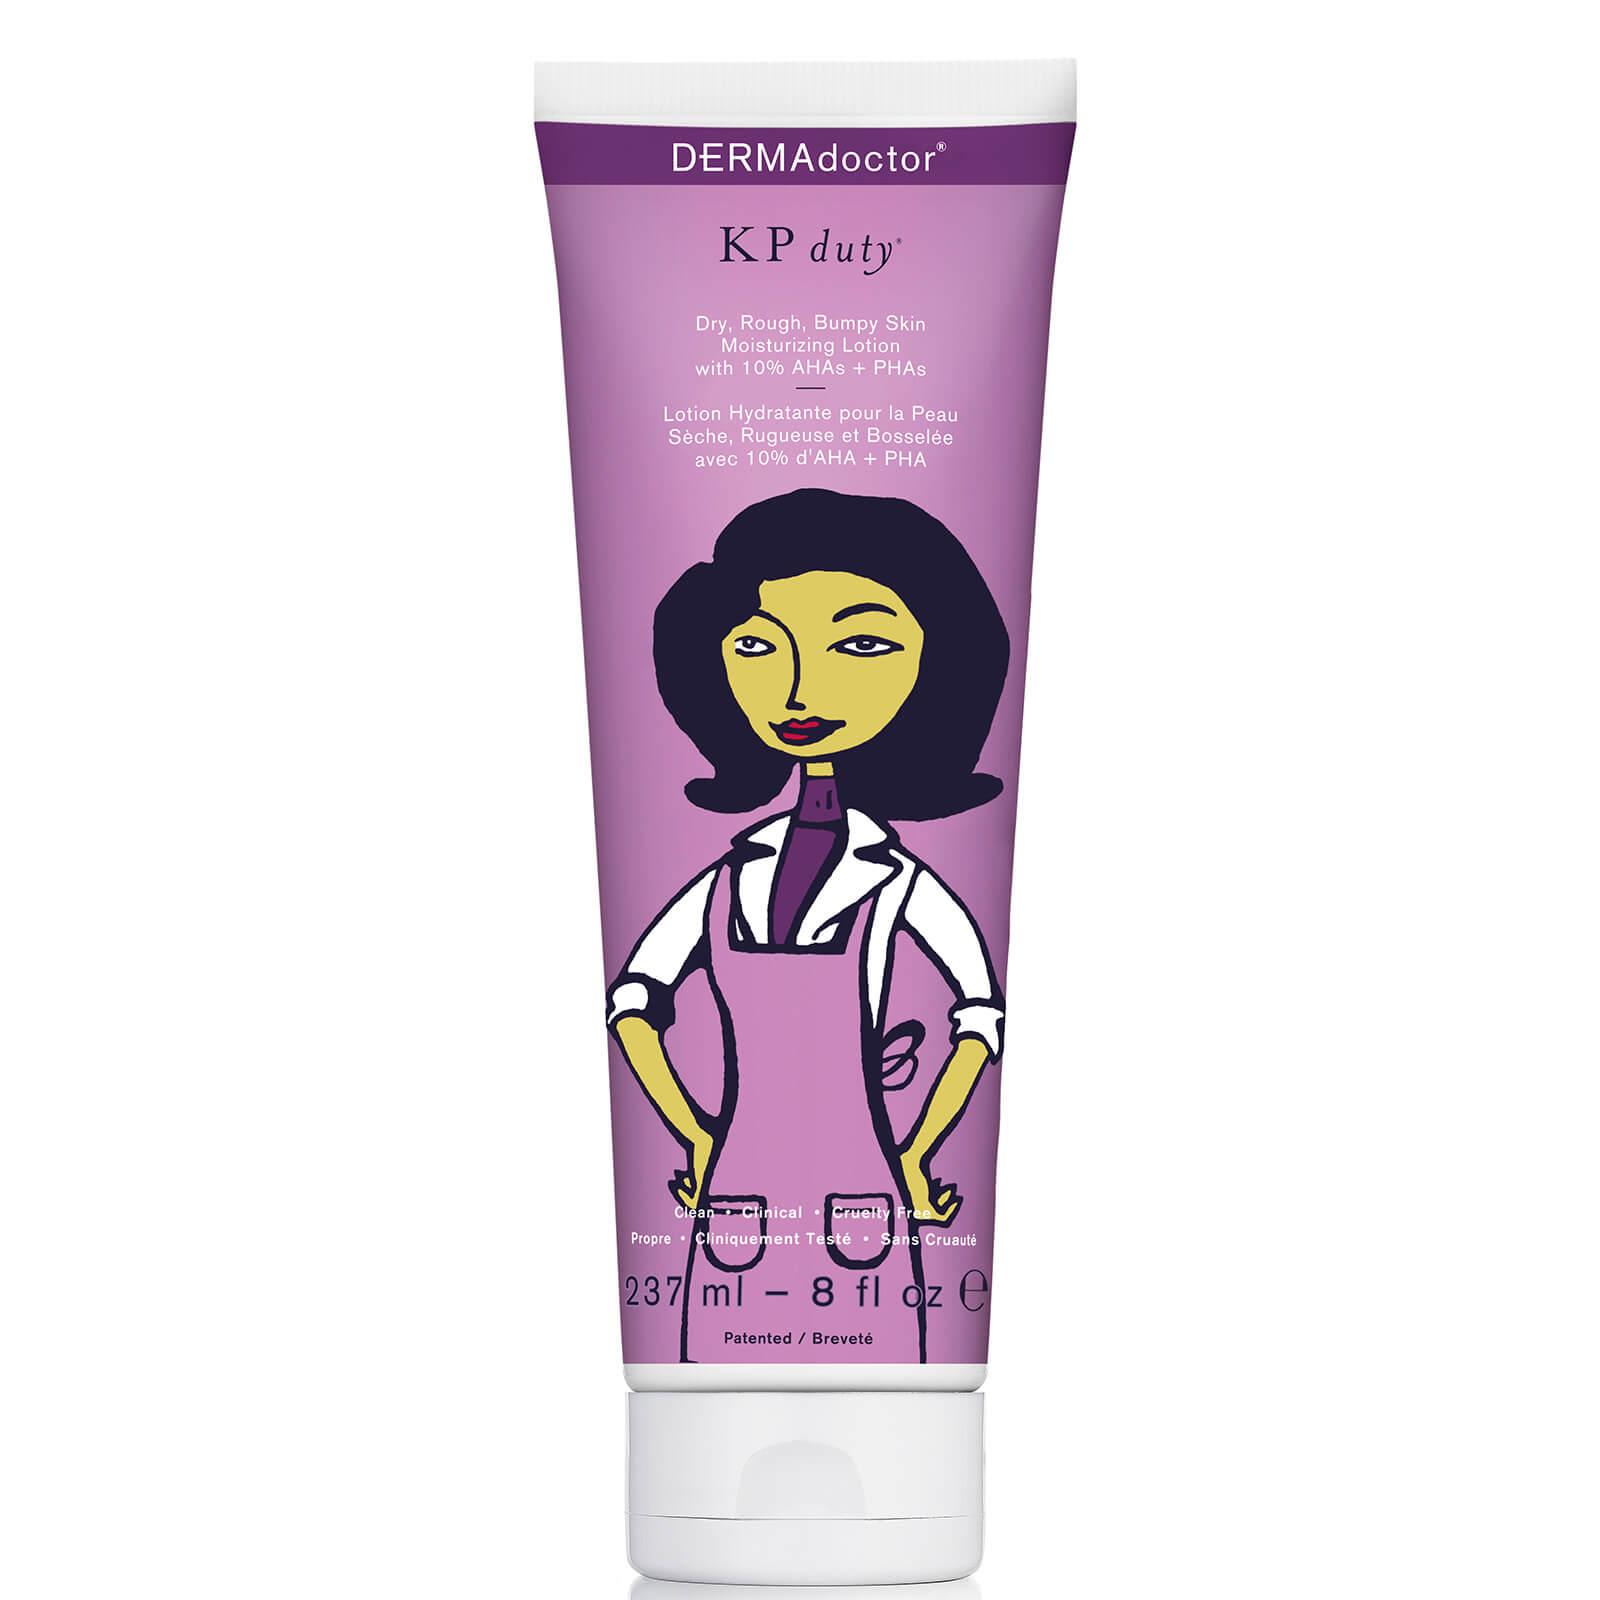 Купить Терапия для сухой, грубой, неровной кожи DERMAdoctor KP Duty Dermatologist, 8 унций